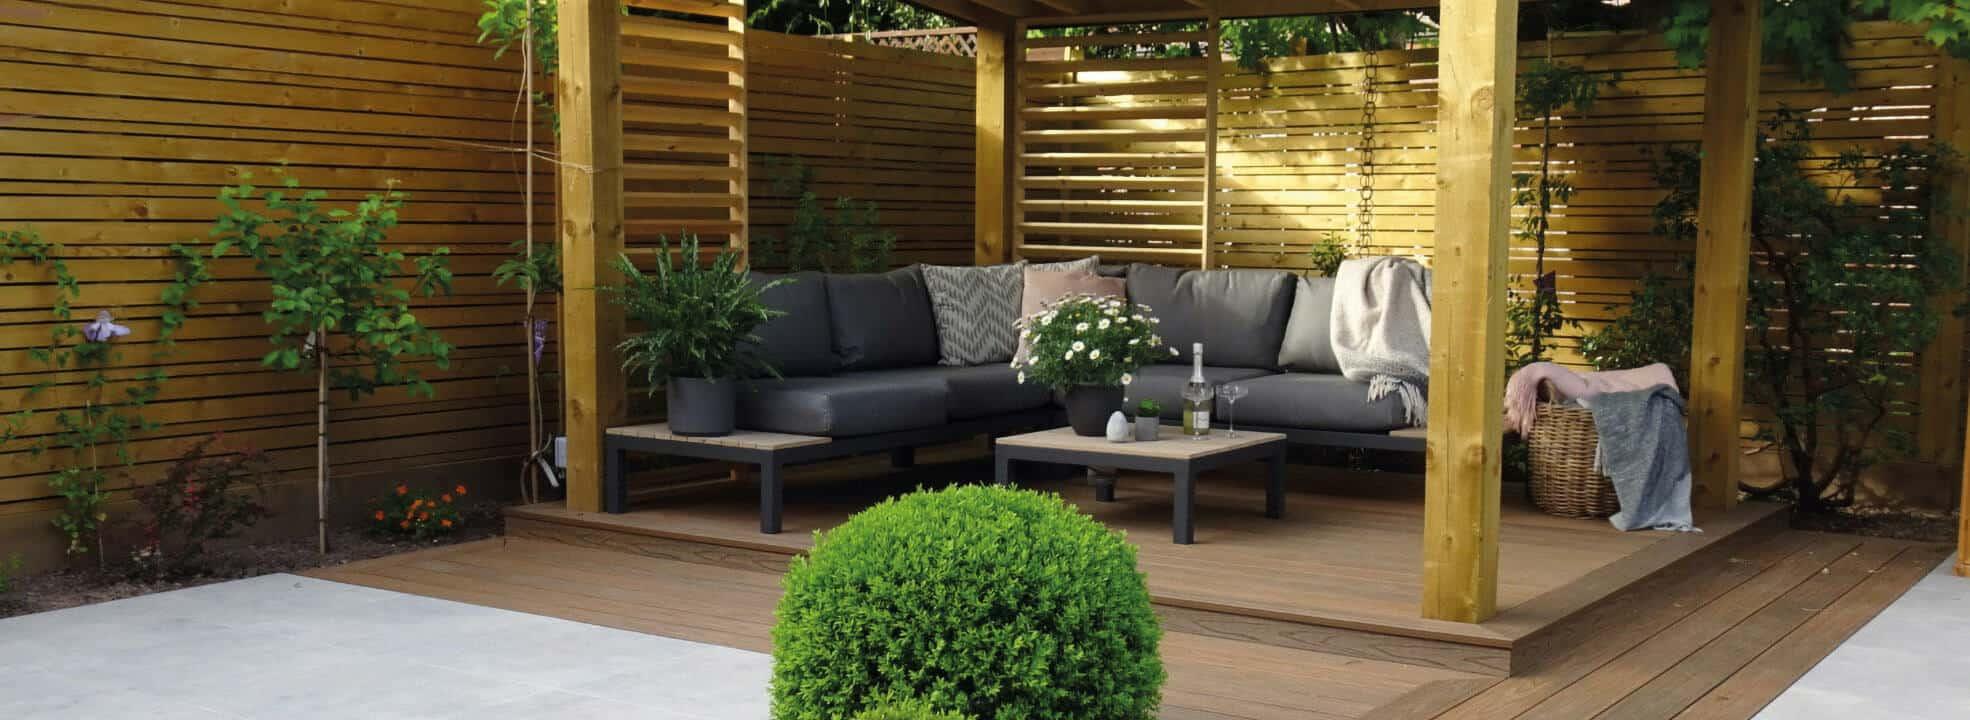 HD Deck Dual Sofa Decking